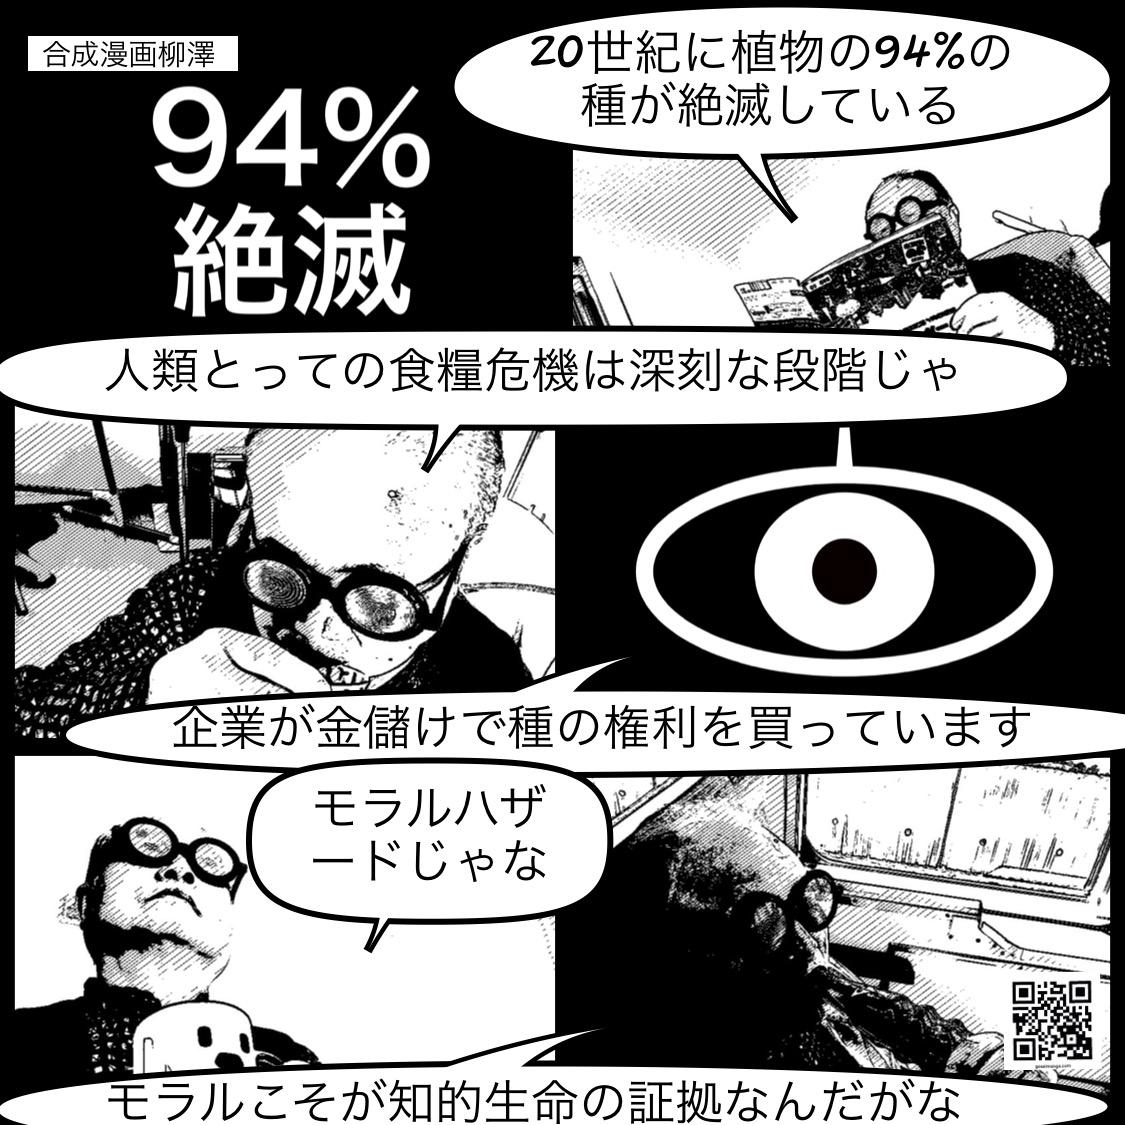 94%が絶滅